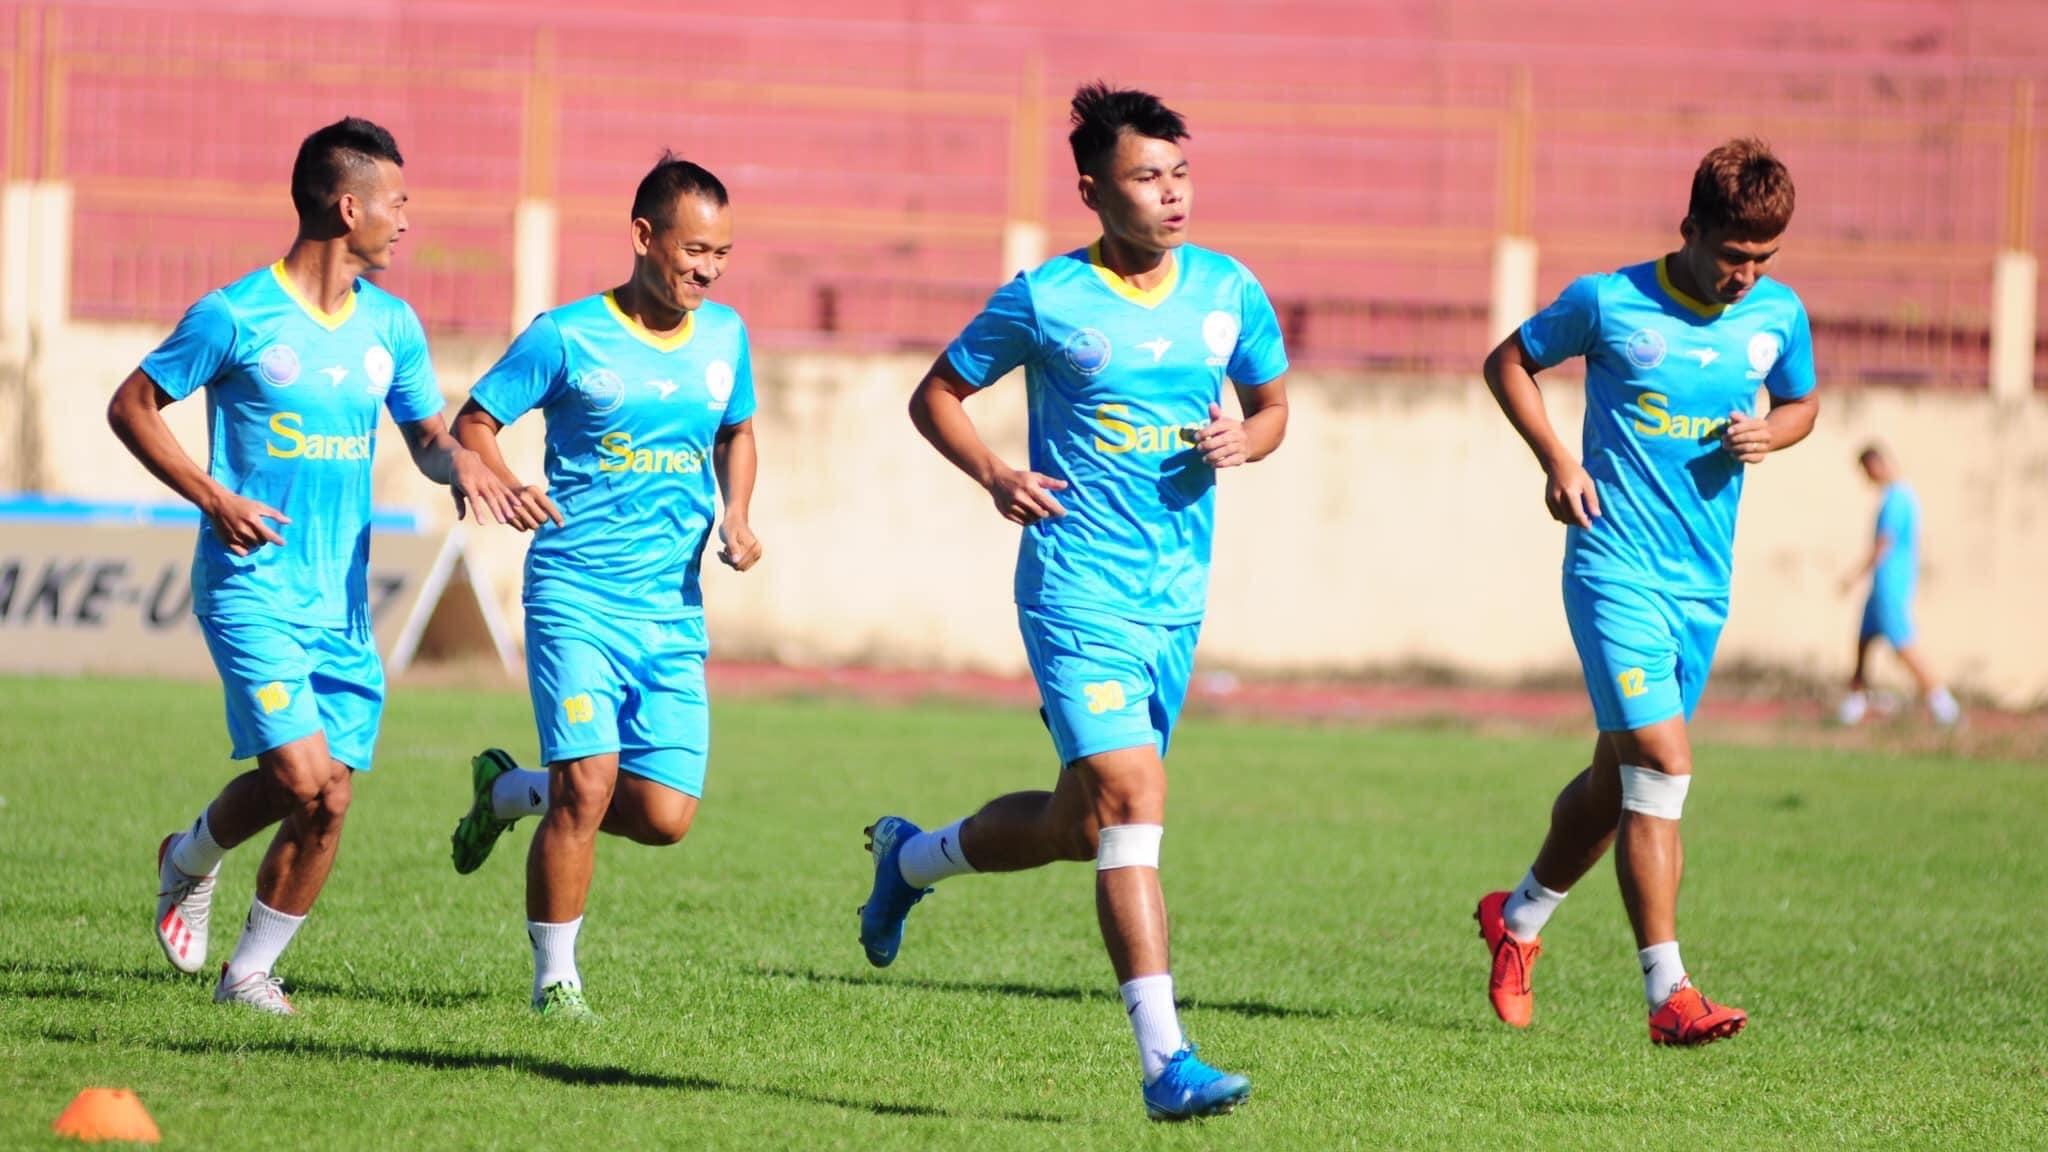 Bị nợ lương từ đầu mùa, các cầu thủ Khánh Hoà đồng loạt bỏ tập?